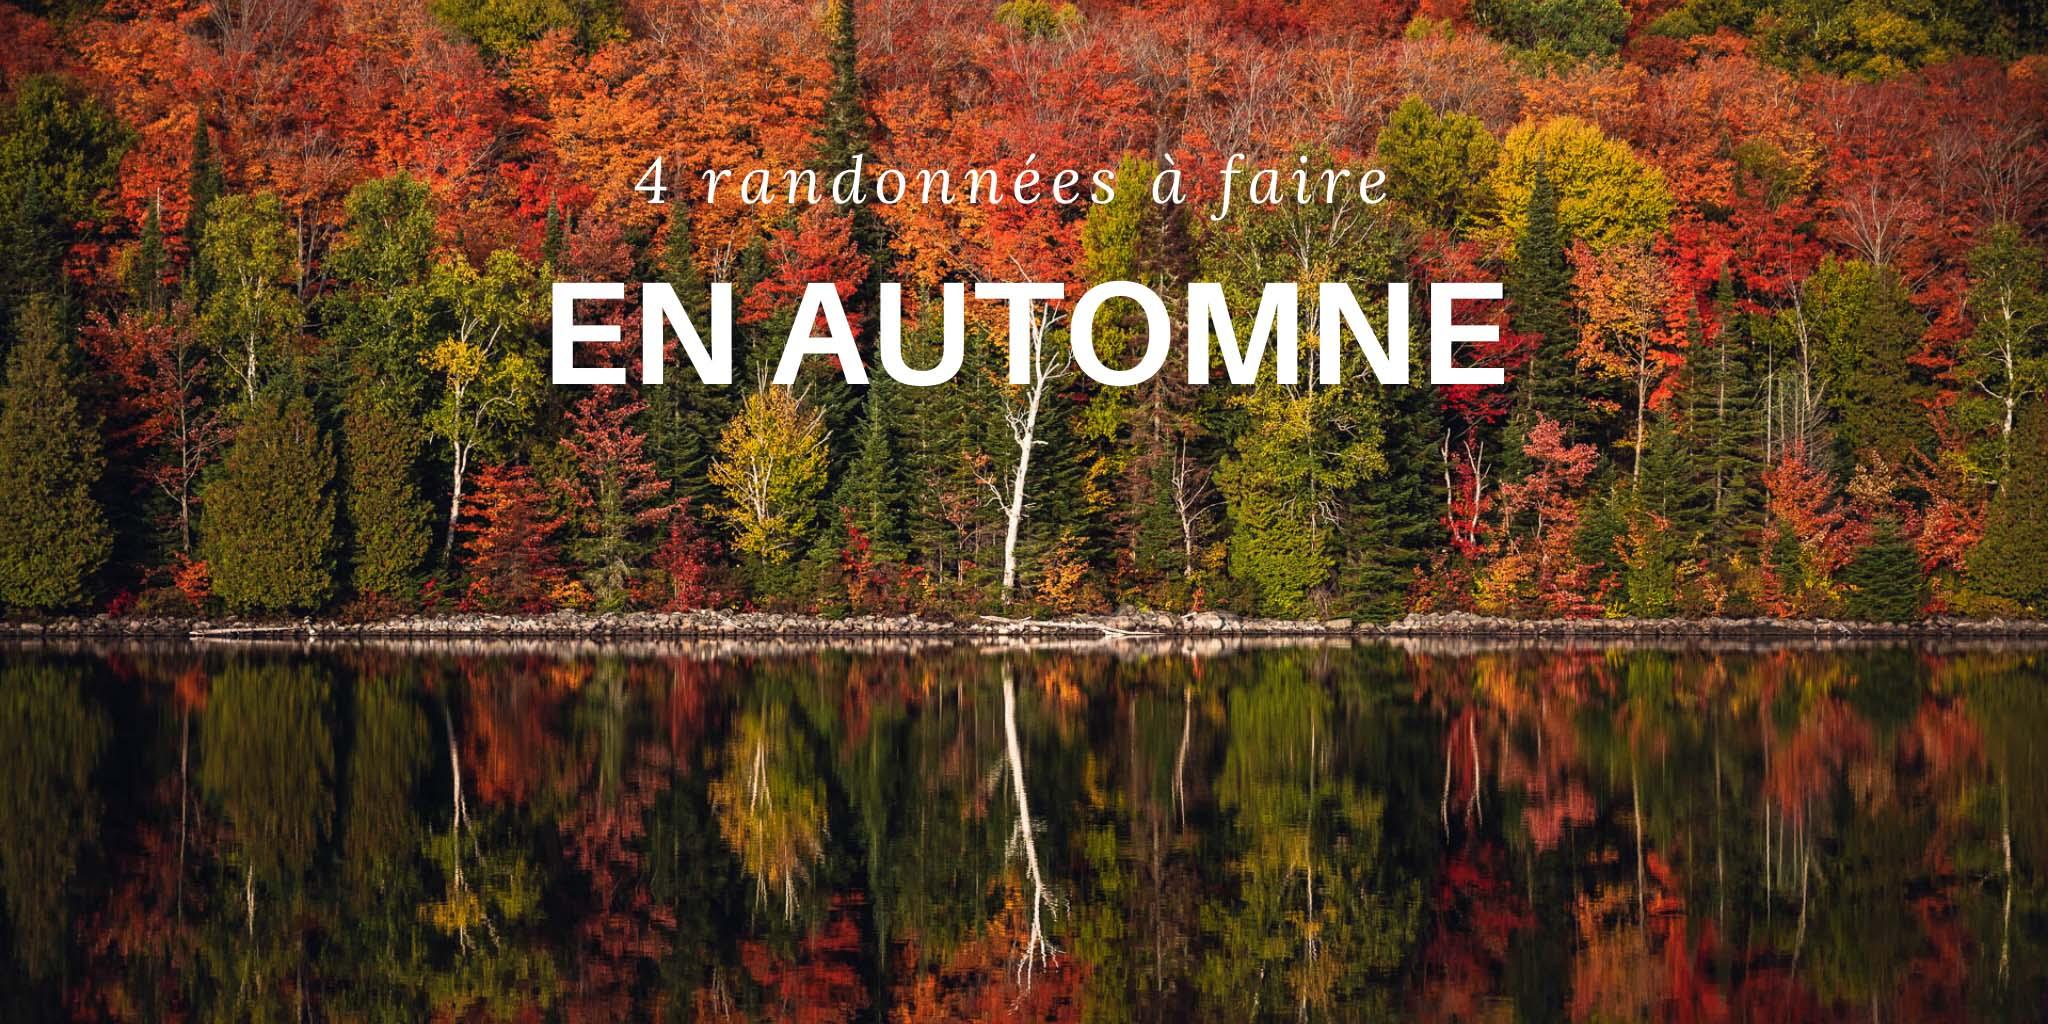 automne-quebec